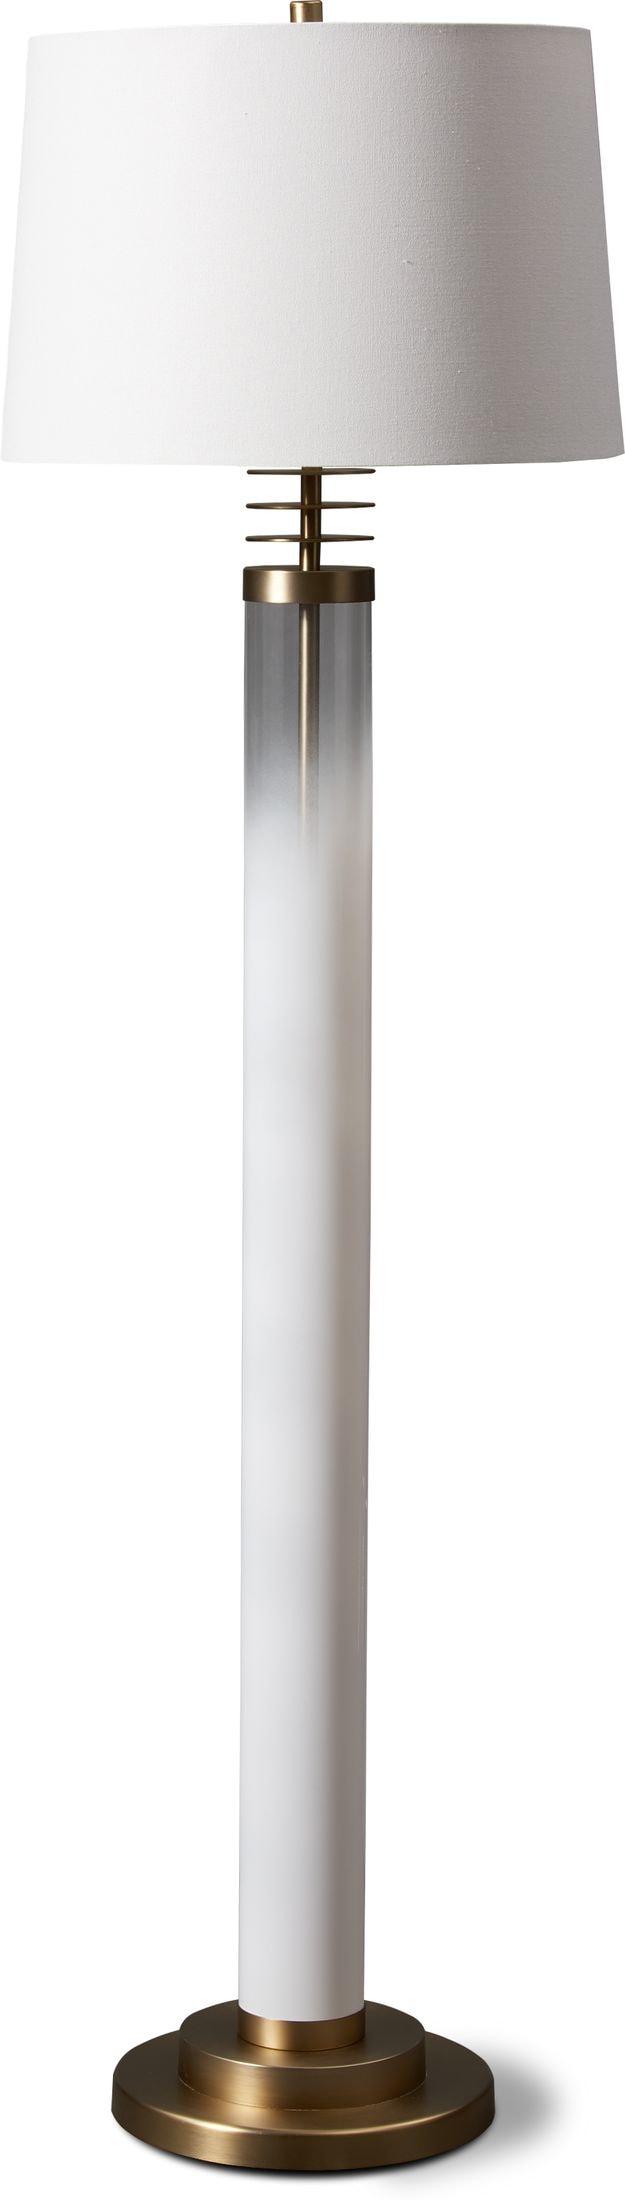 Home Accessories - Milk Glass Floor Lamp